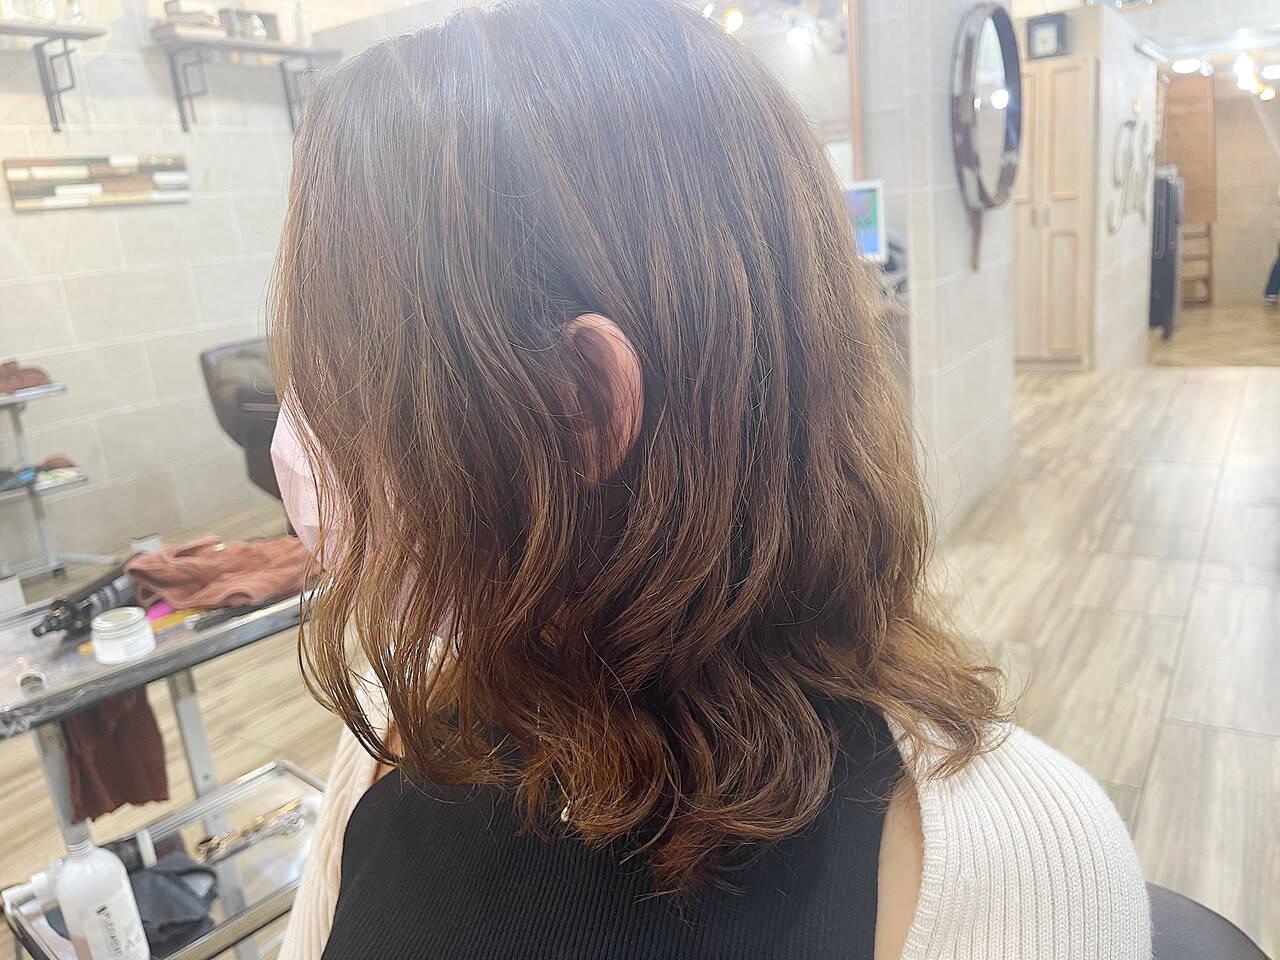 ゆるふわパーマ ミディアム ナチュラル 韓国風ヘアーヘアスタイルや髪型の写真・画像